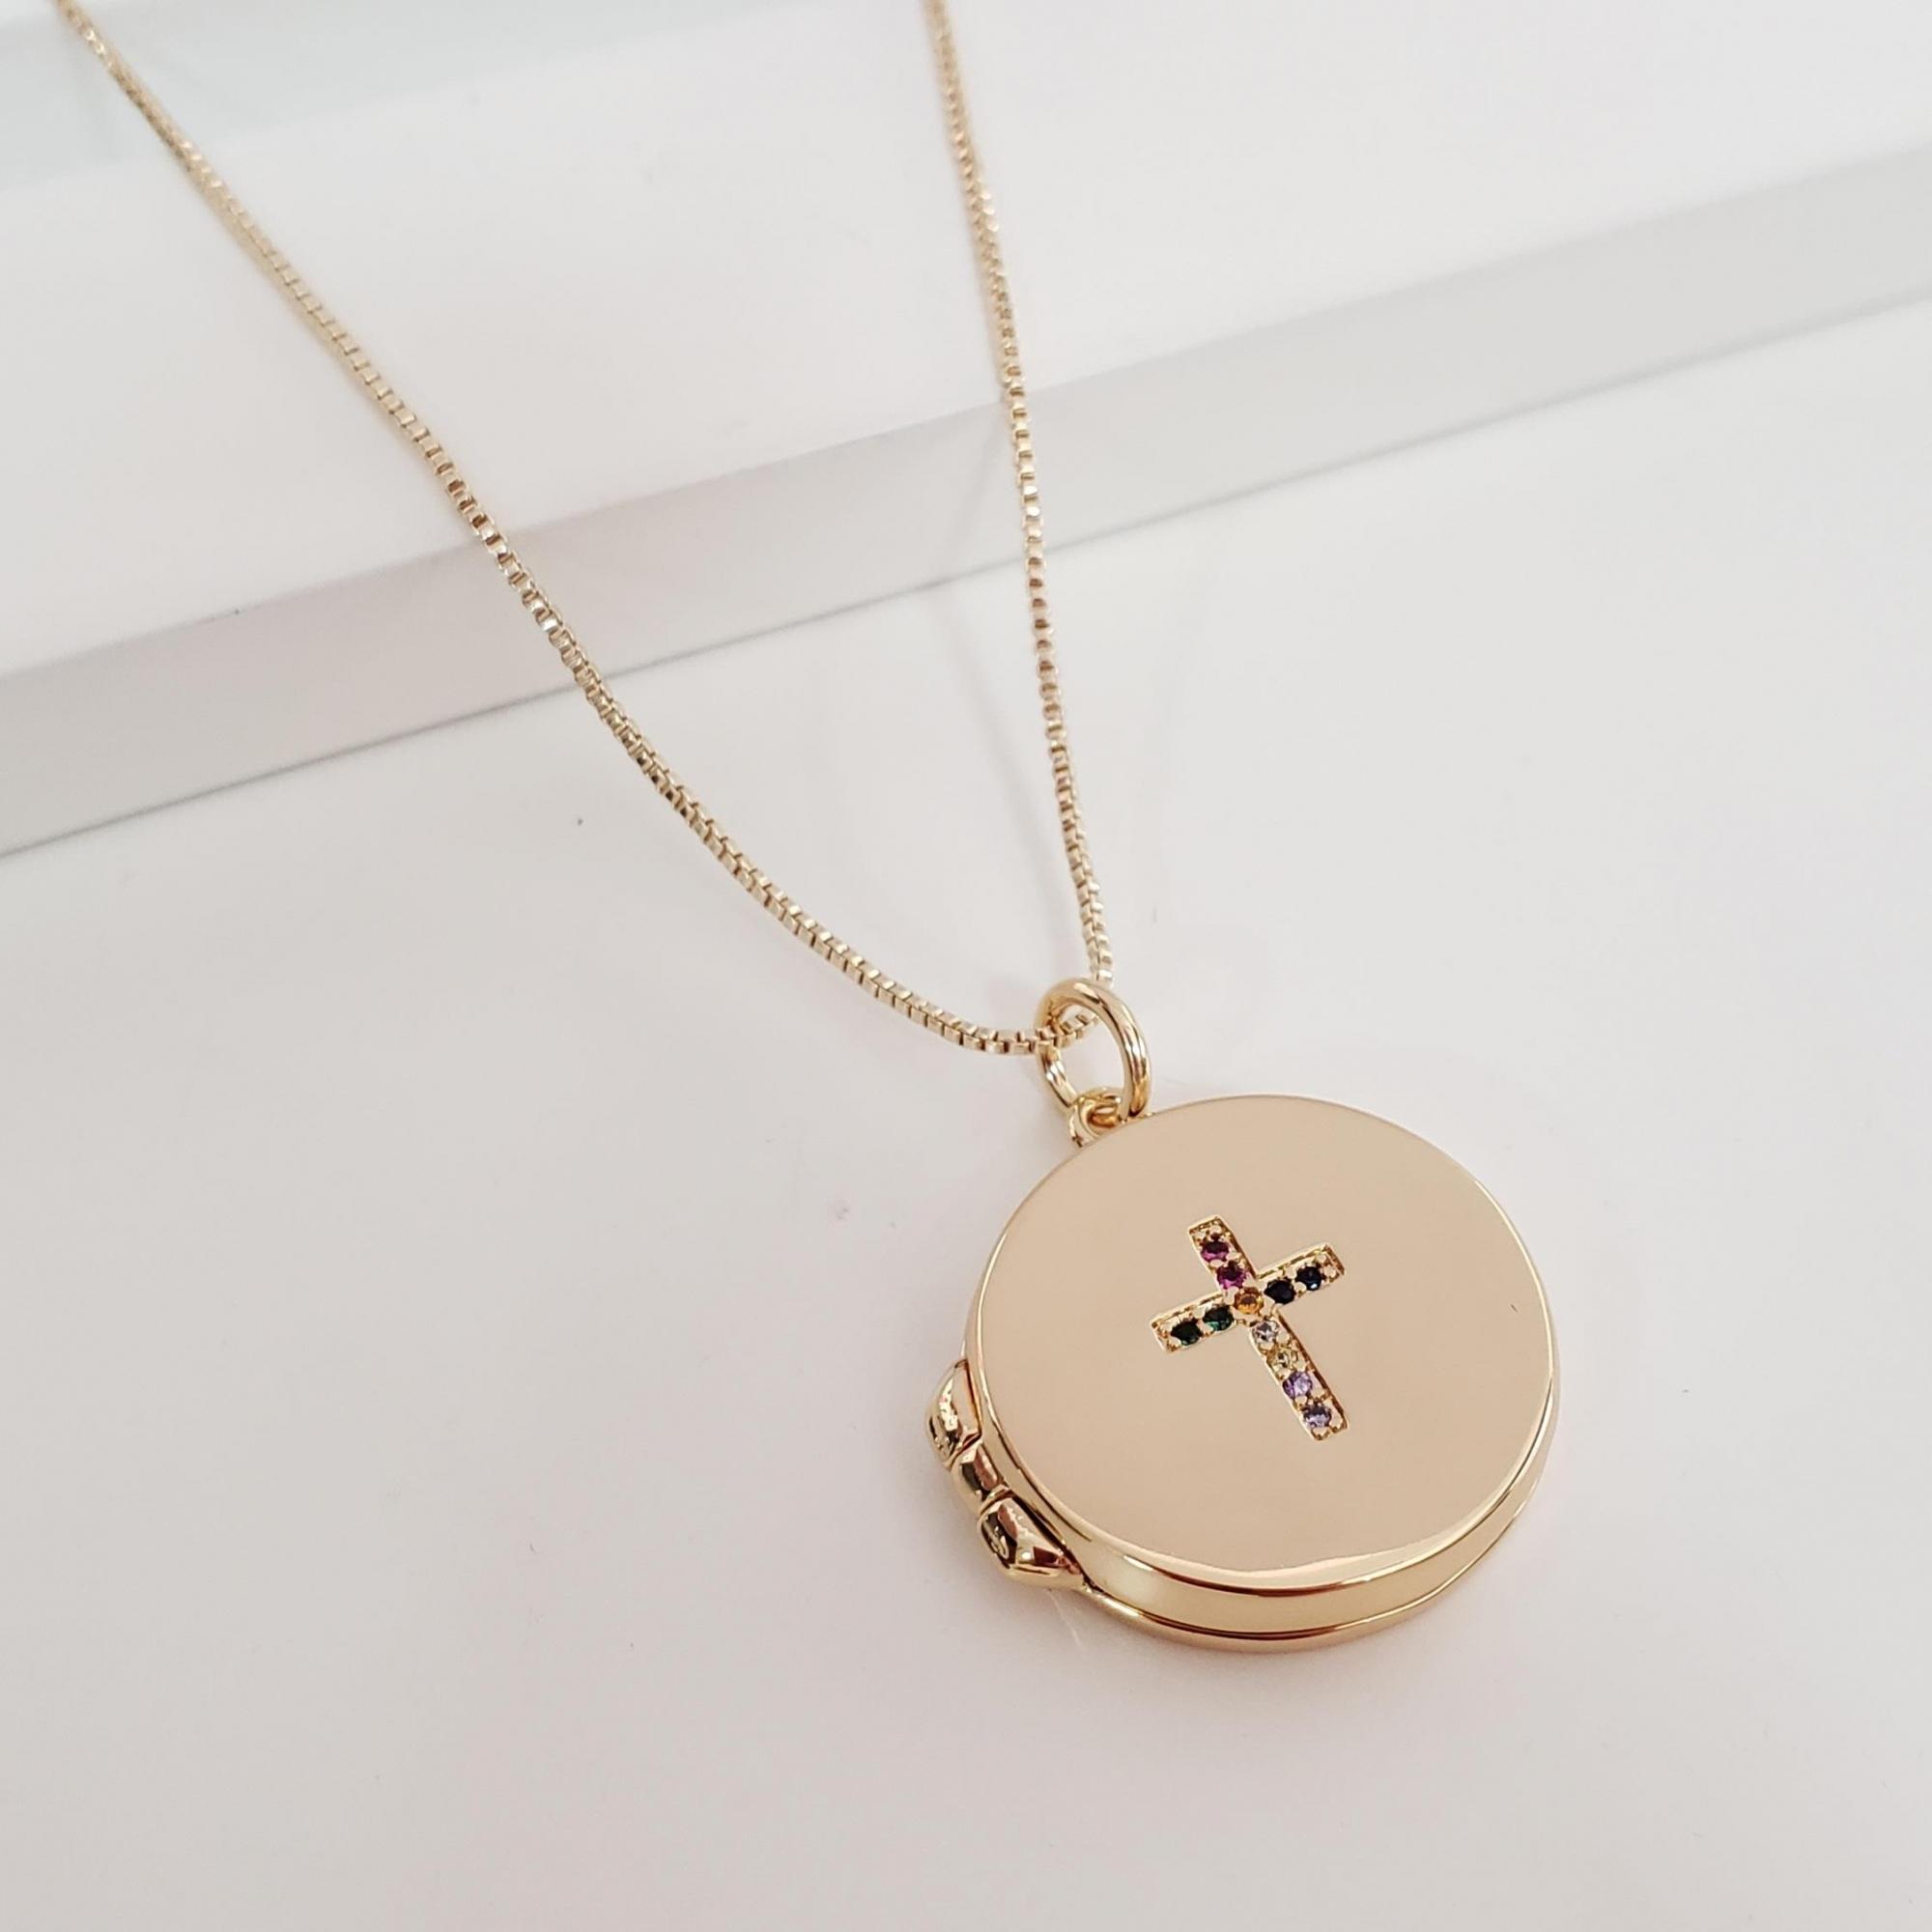 Colar Veneziana com Relicário com Cruz Zircônia Colorida e São Bento dentro Banho Ouro 18k Semijoia